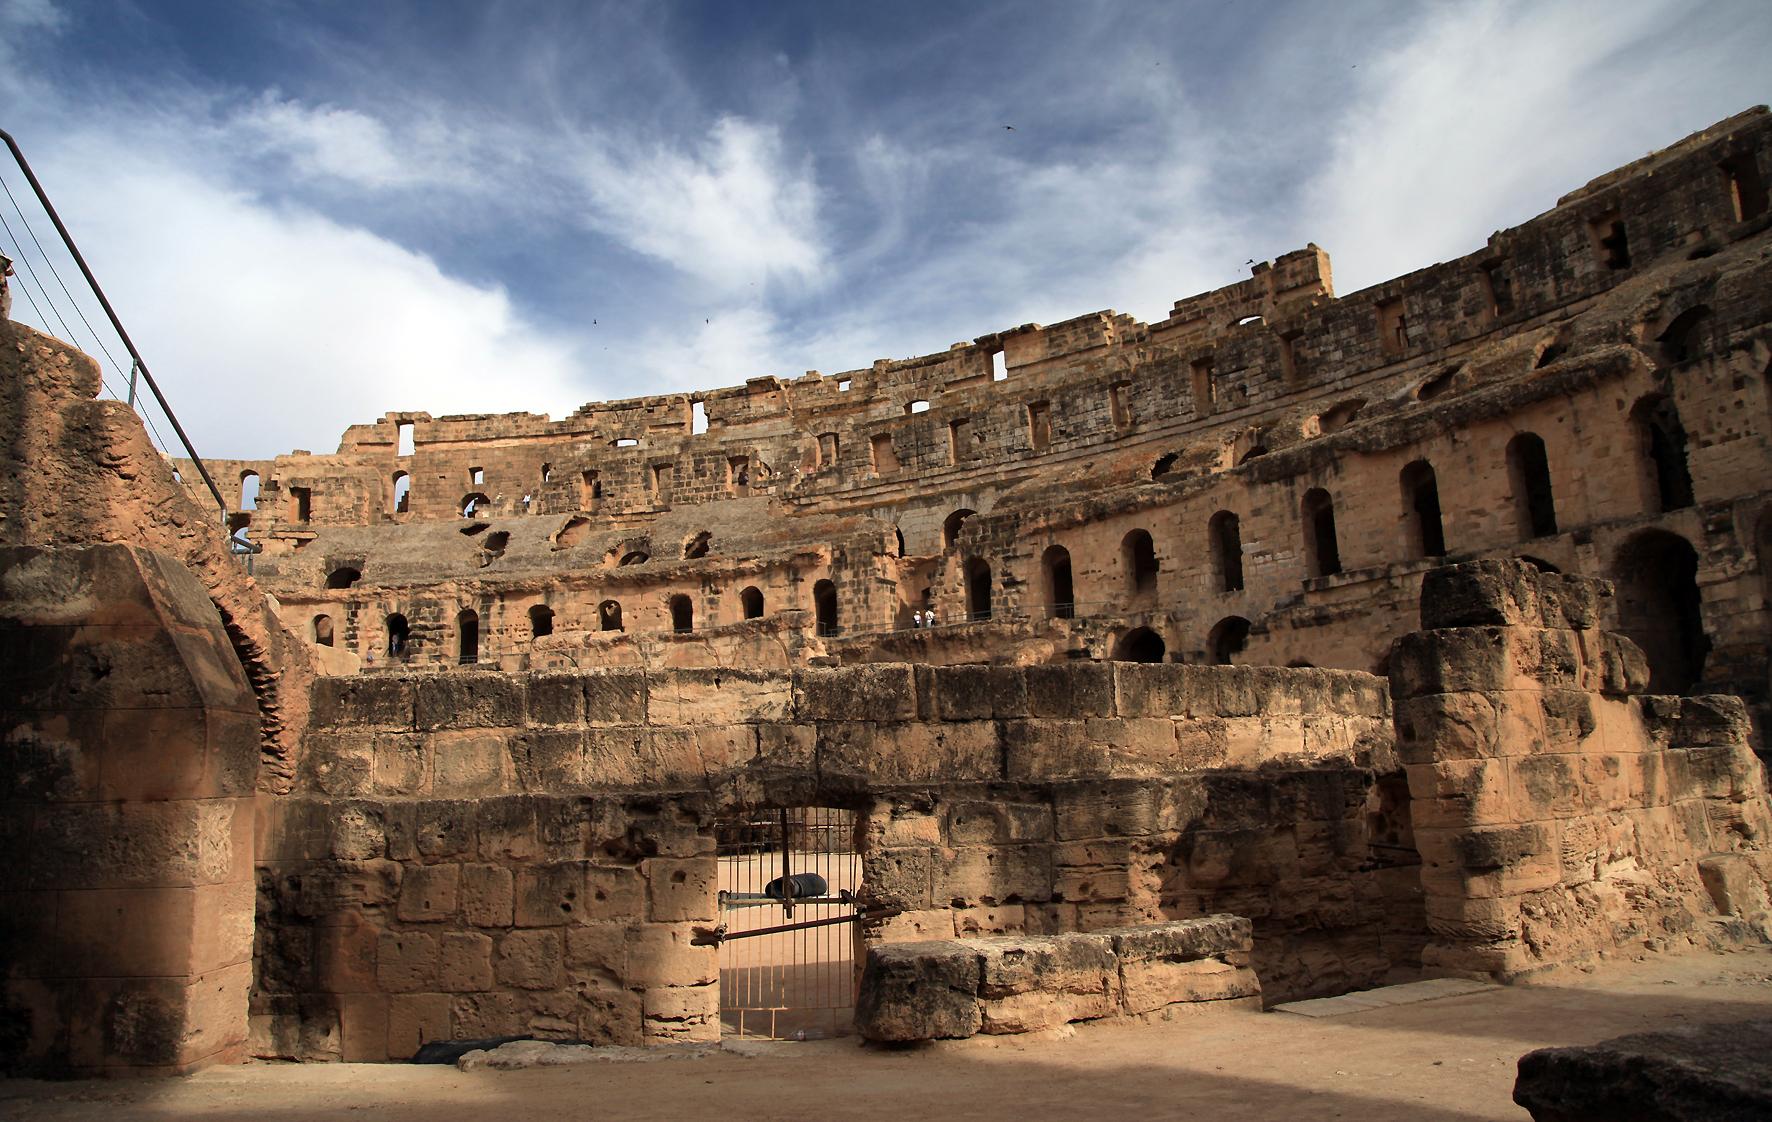 El Jem - قصر الجمّ